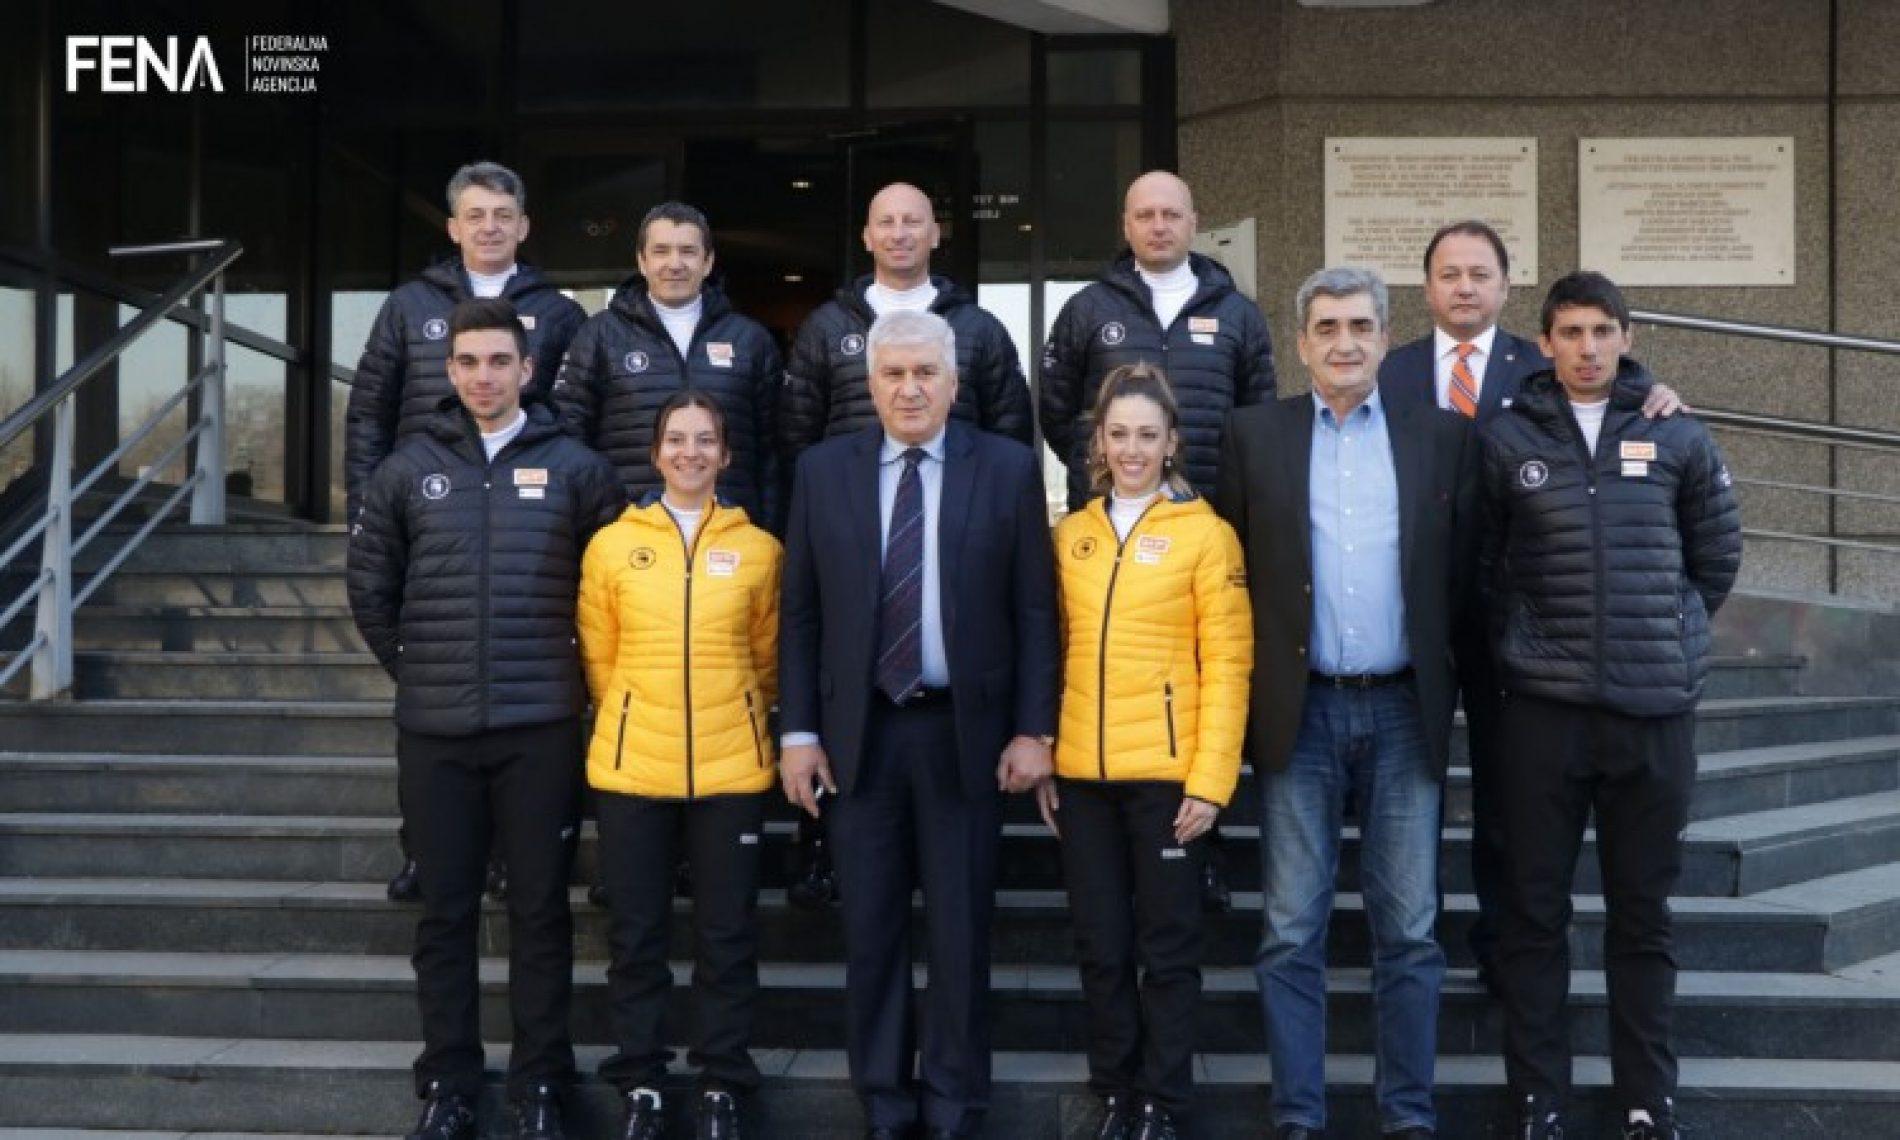 Predstavljen olimpijski tim Bosne i Hercegovine (VIDEO)